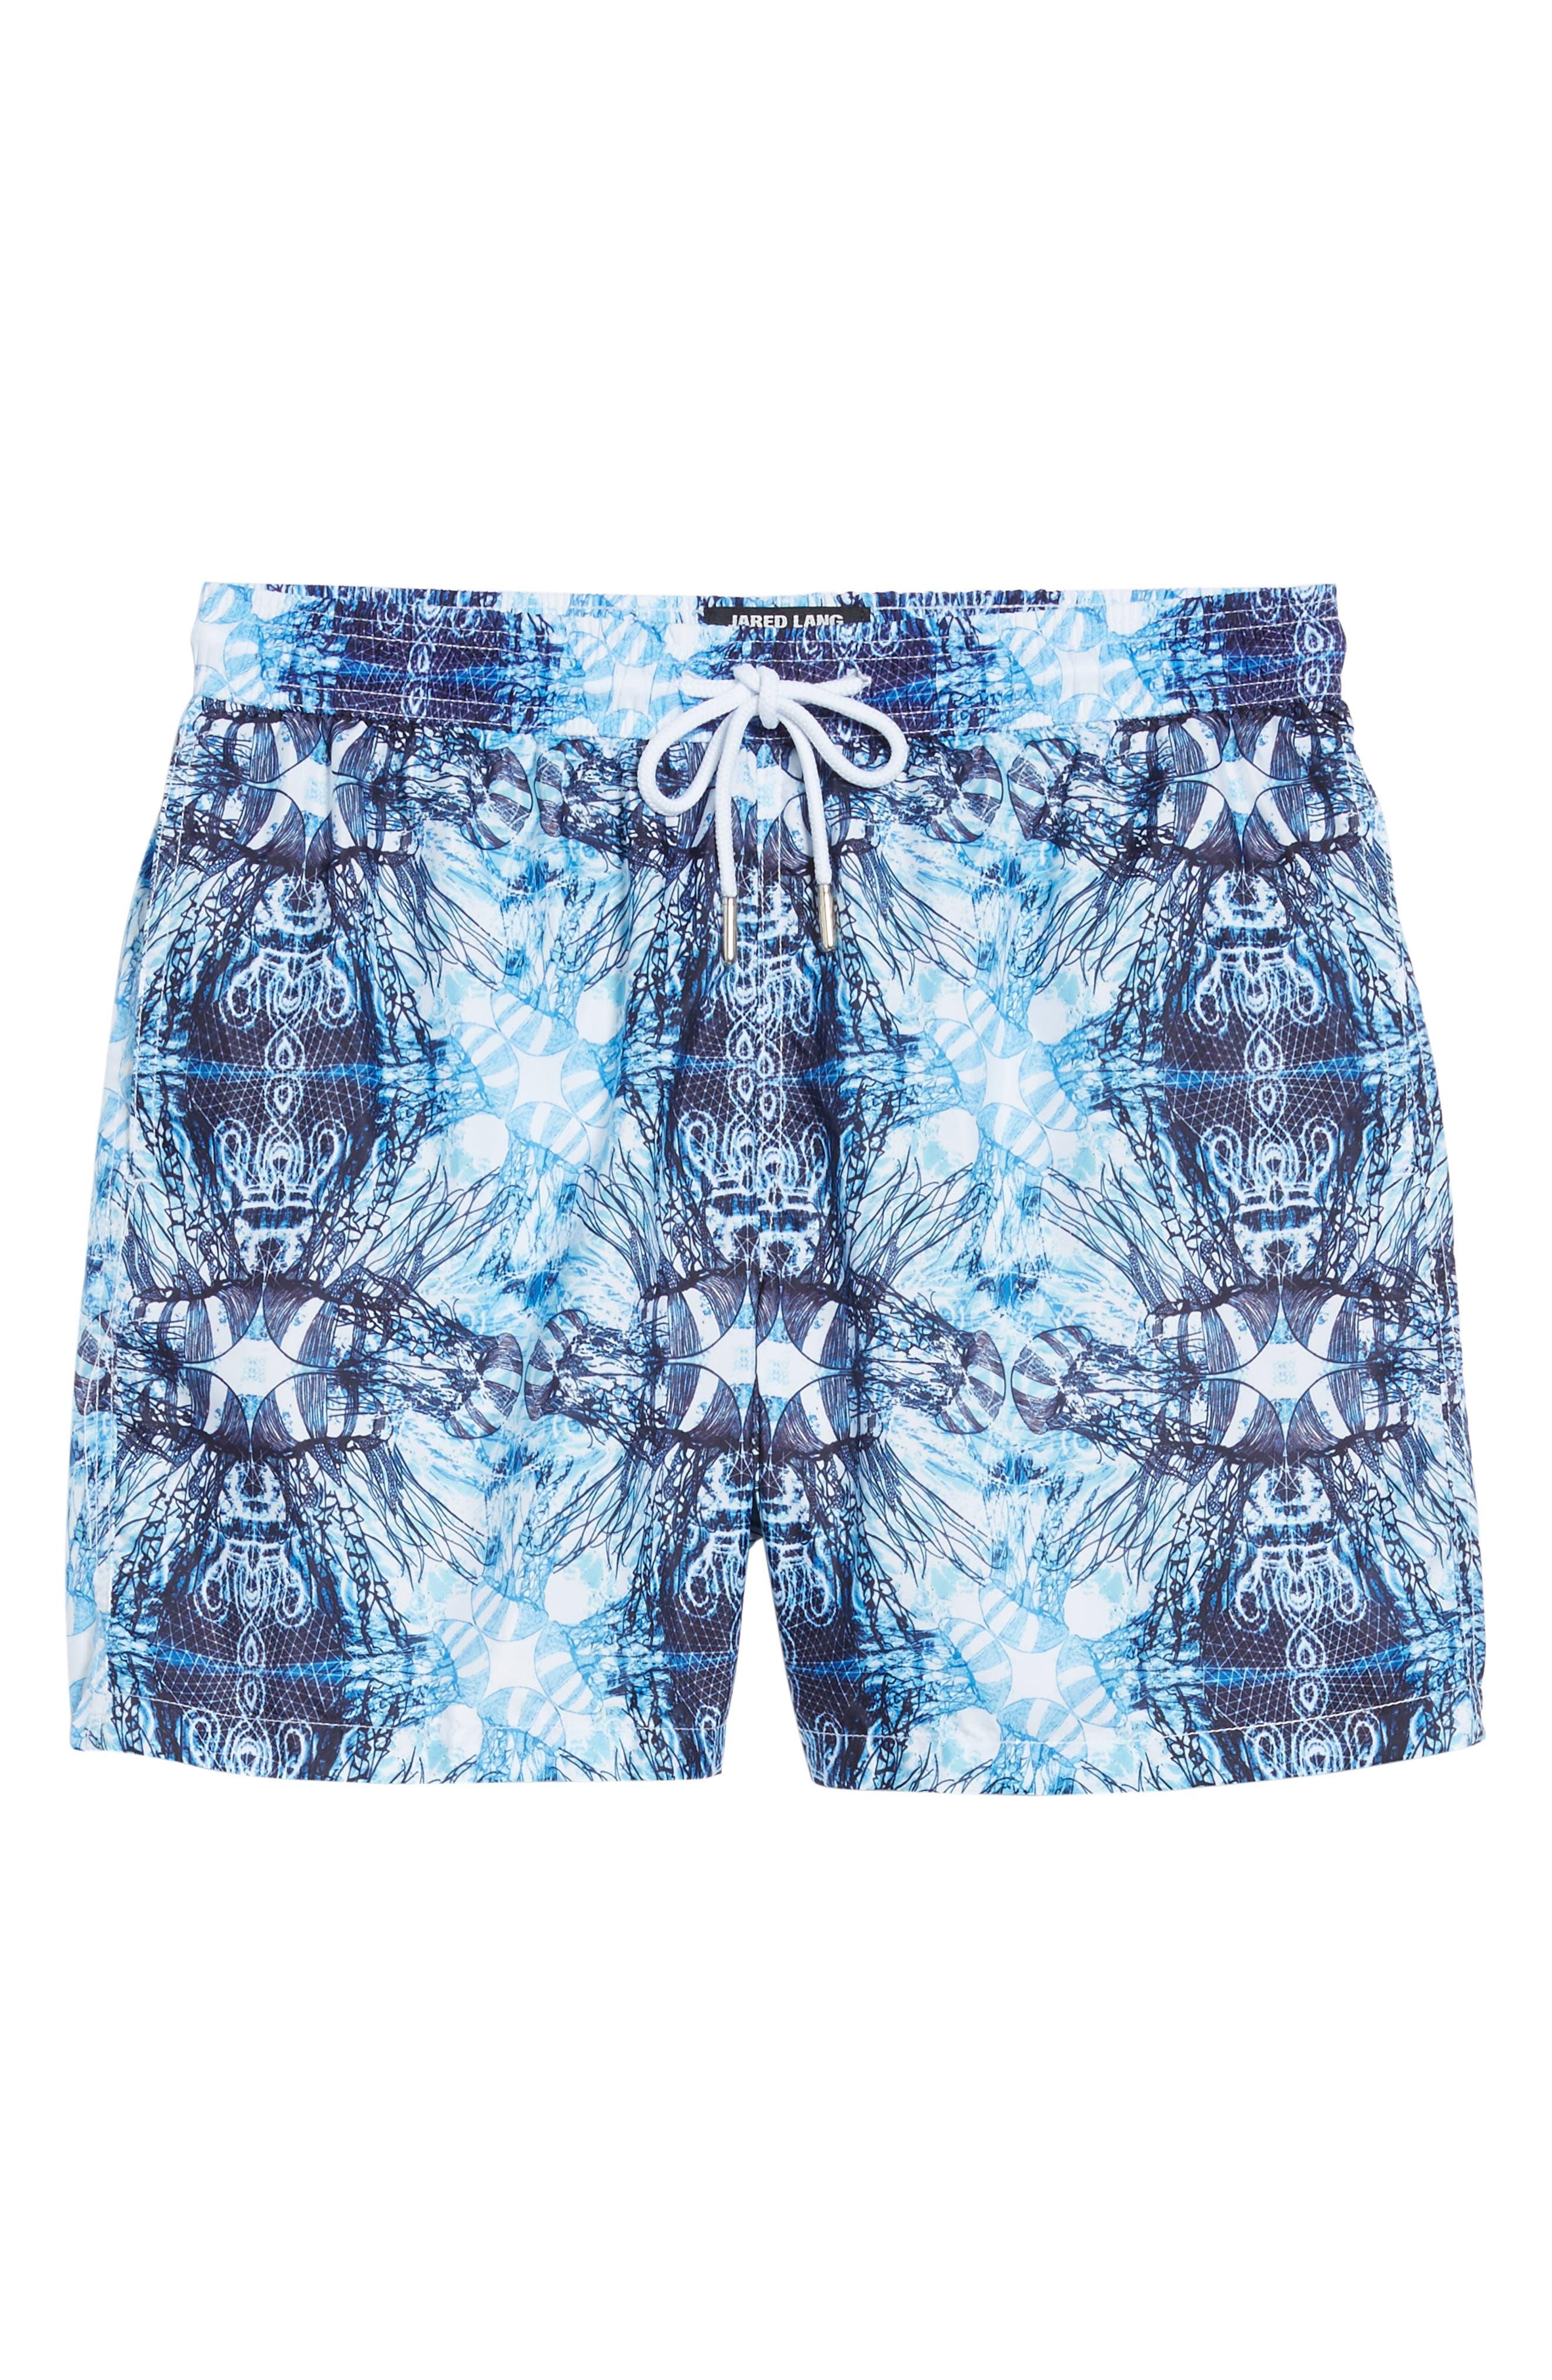 Trim Fit Swim Shorts,                             Alternate thumbnail 6, color,                             Light Blue Jelly Fish